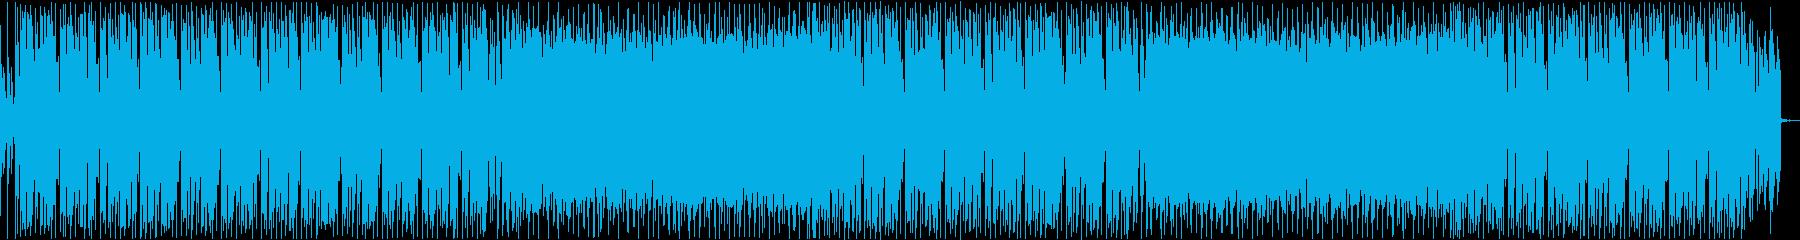 ファンク・ディスコ・ノリノリ・踊りの再生済みの波形